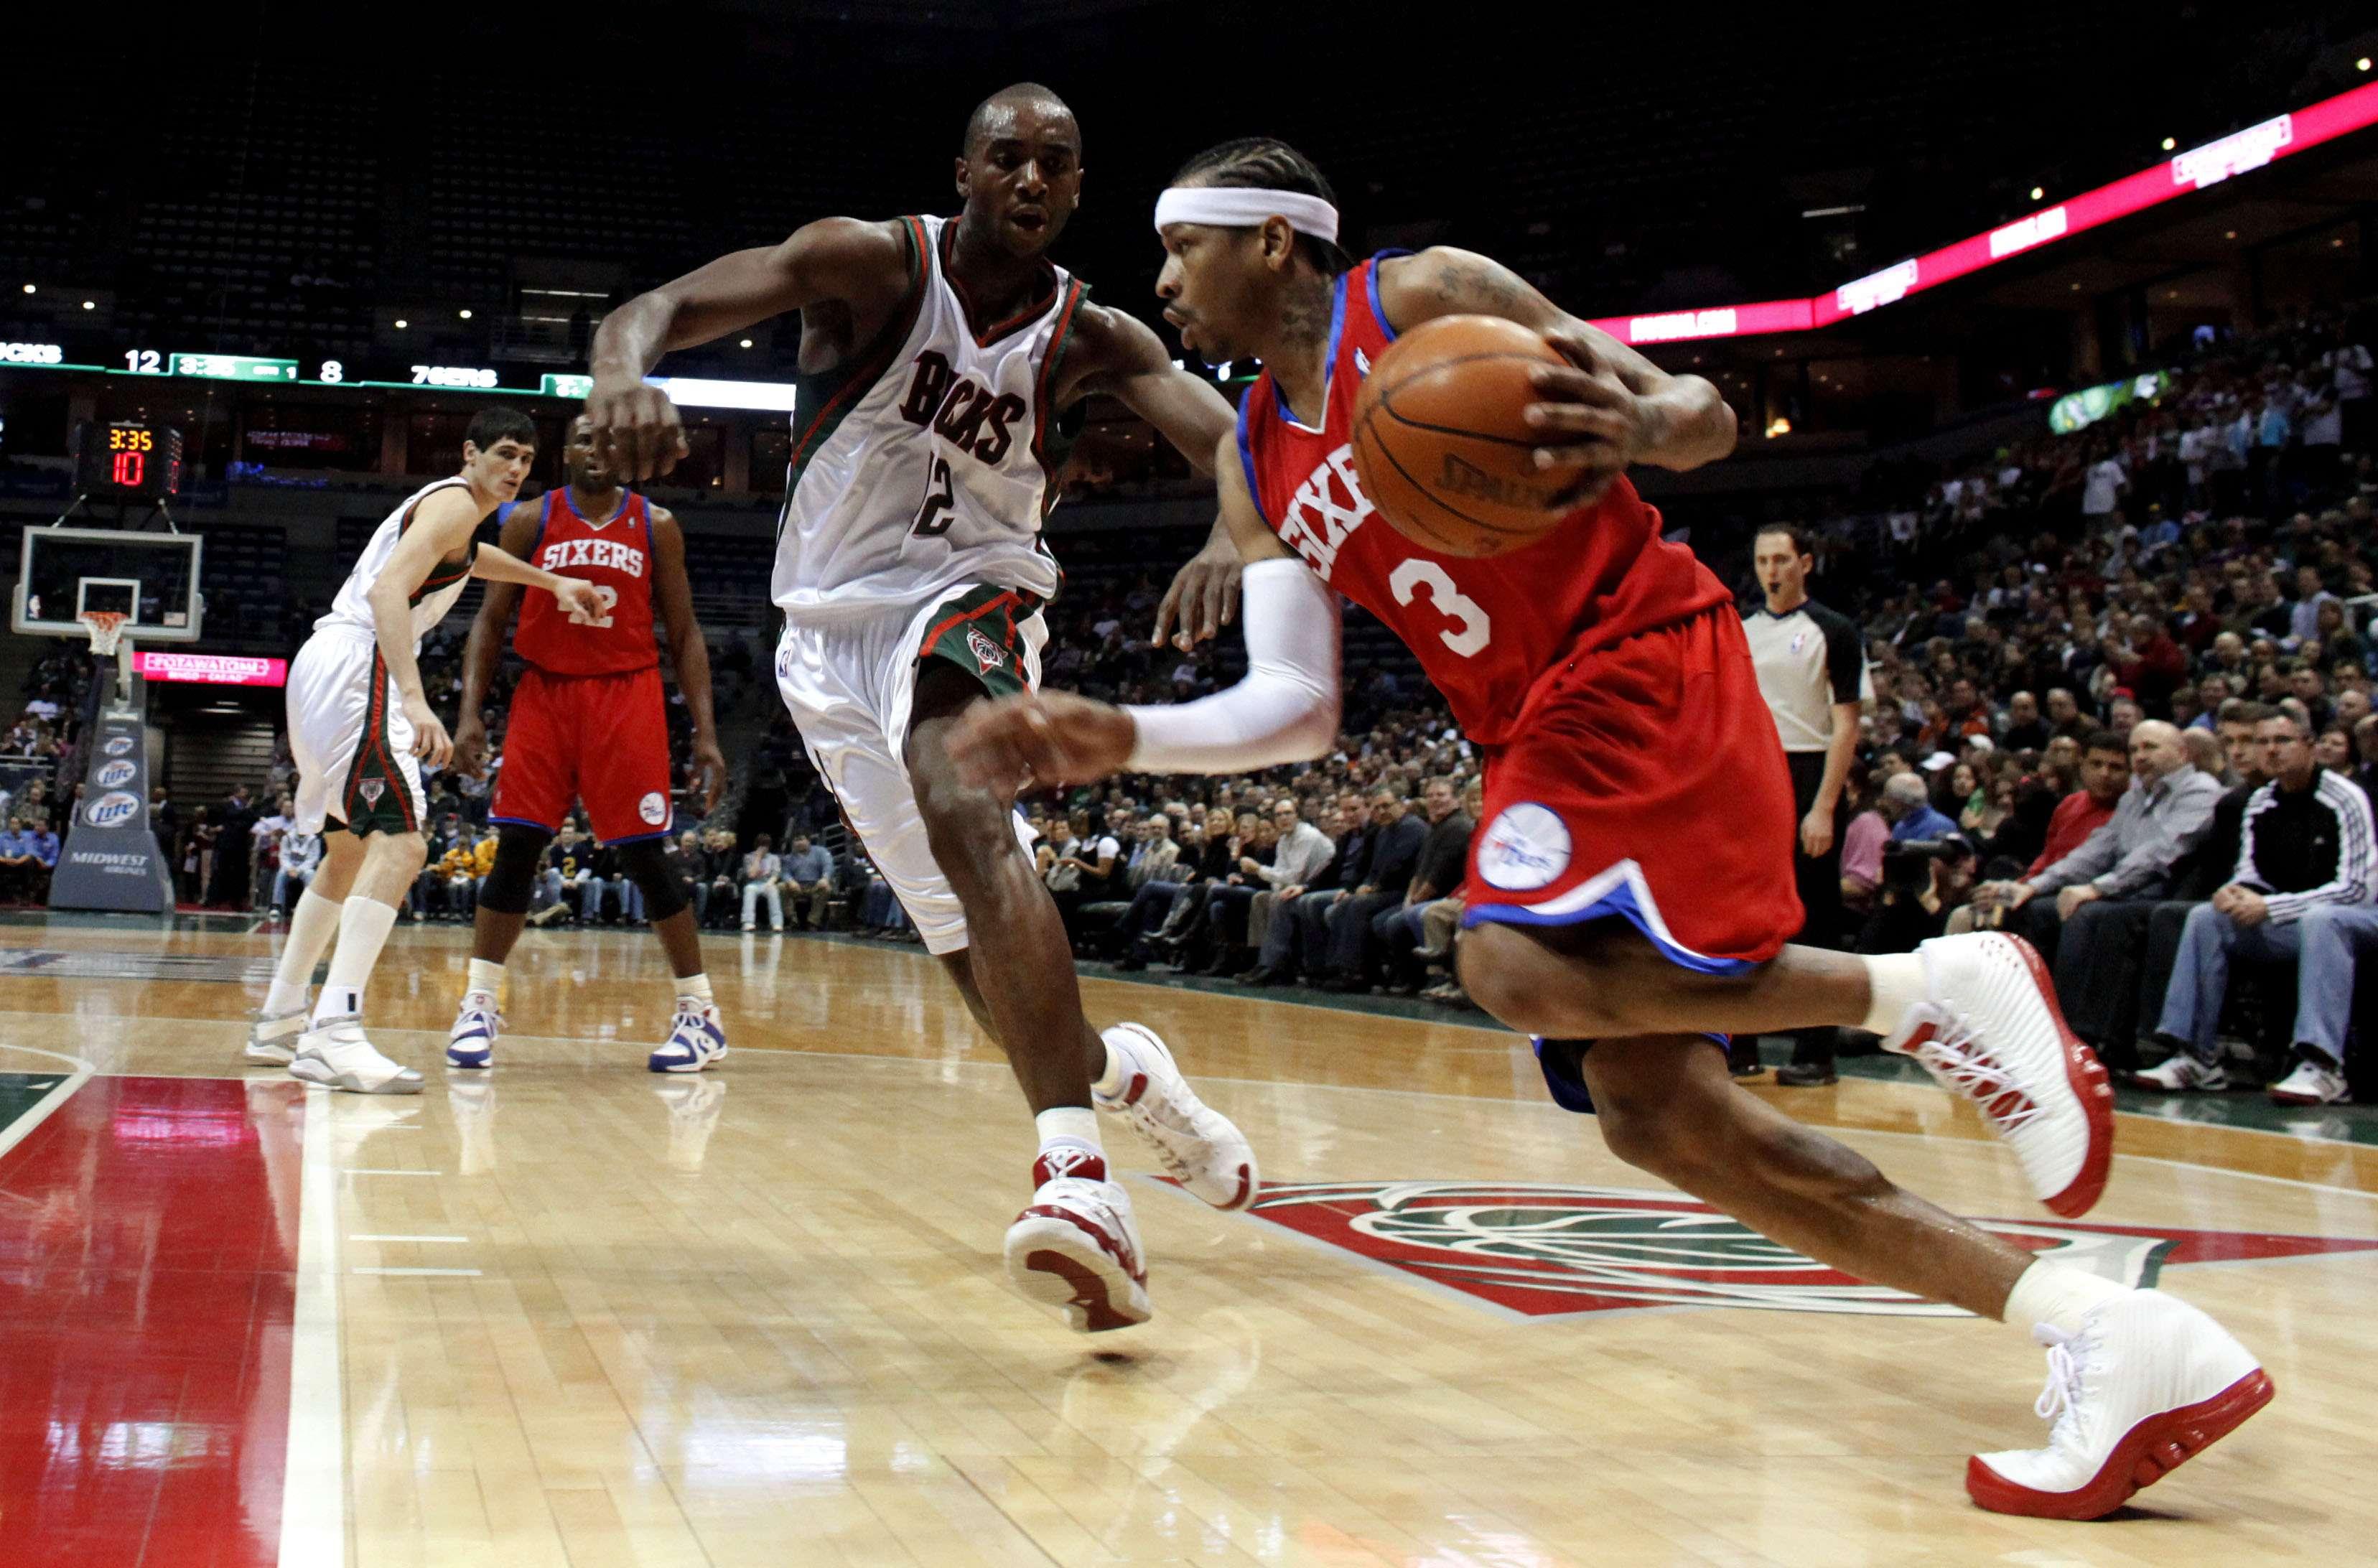 Iverson acusó a Nike de utilizar su imagen sin permiso. Foto: AP